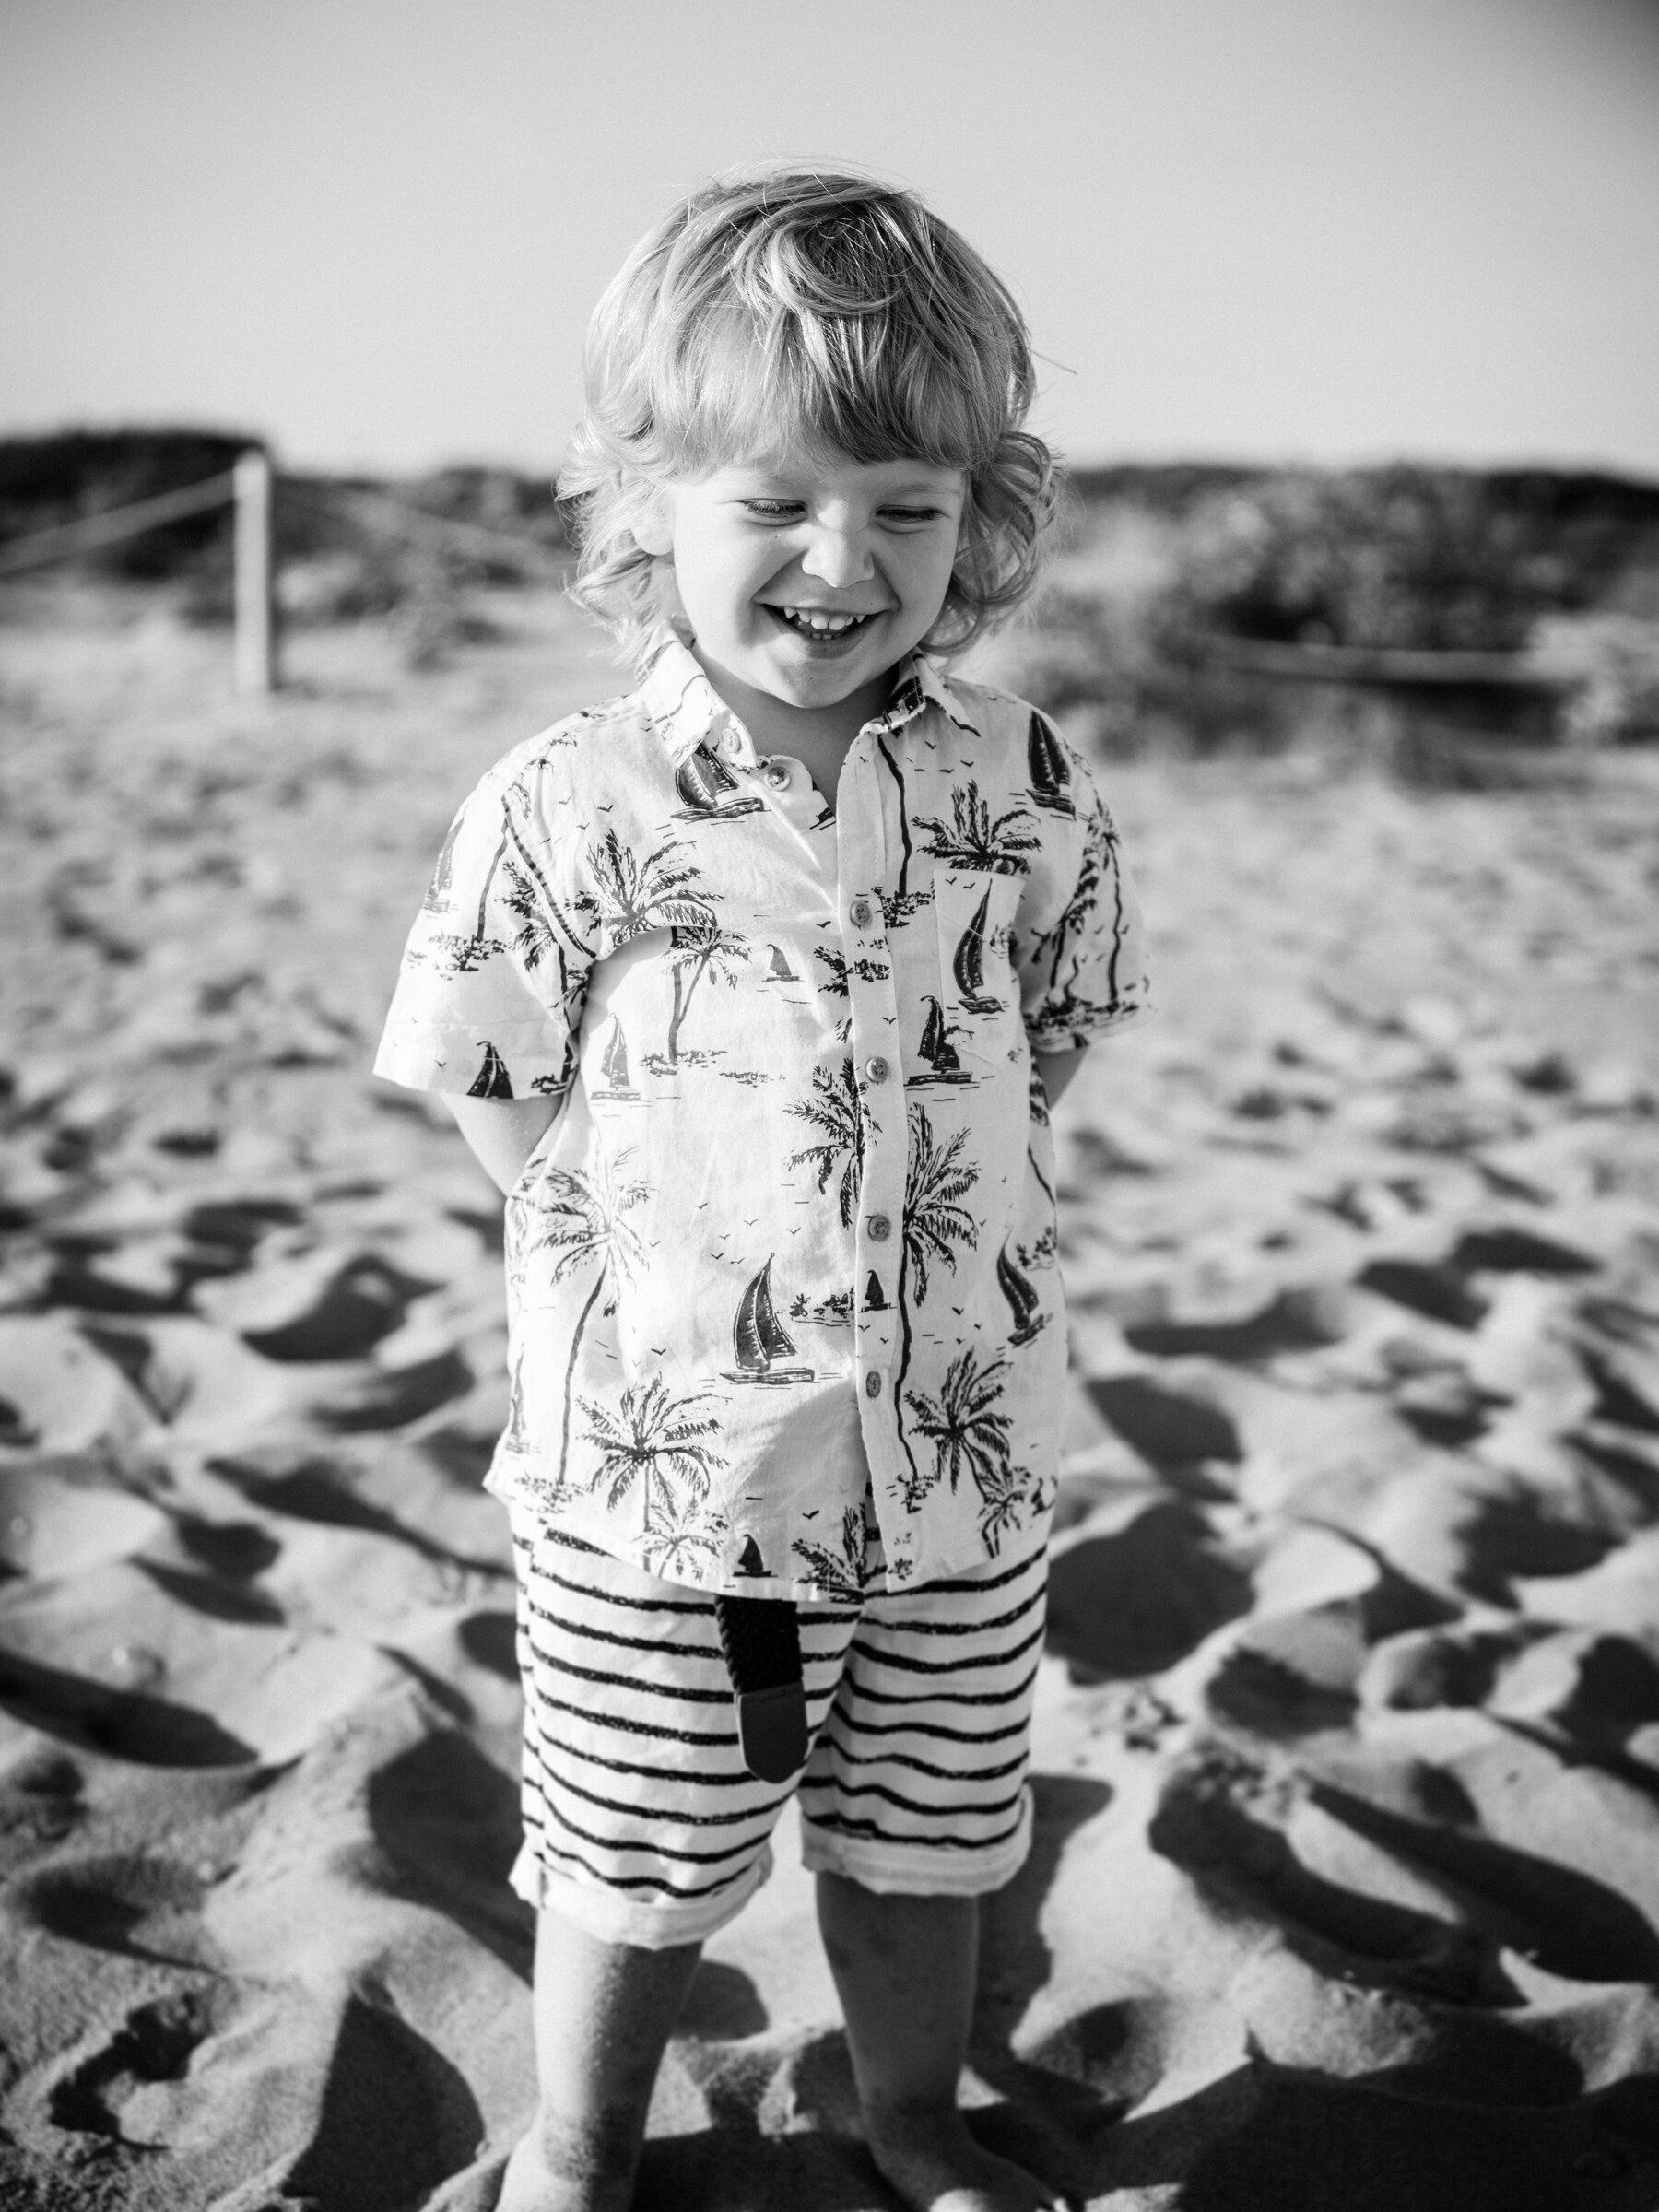 fotografia-infantil0010.jpg